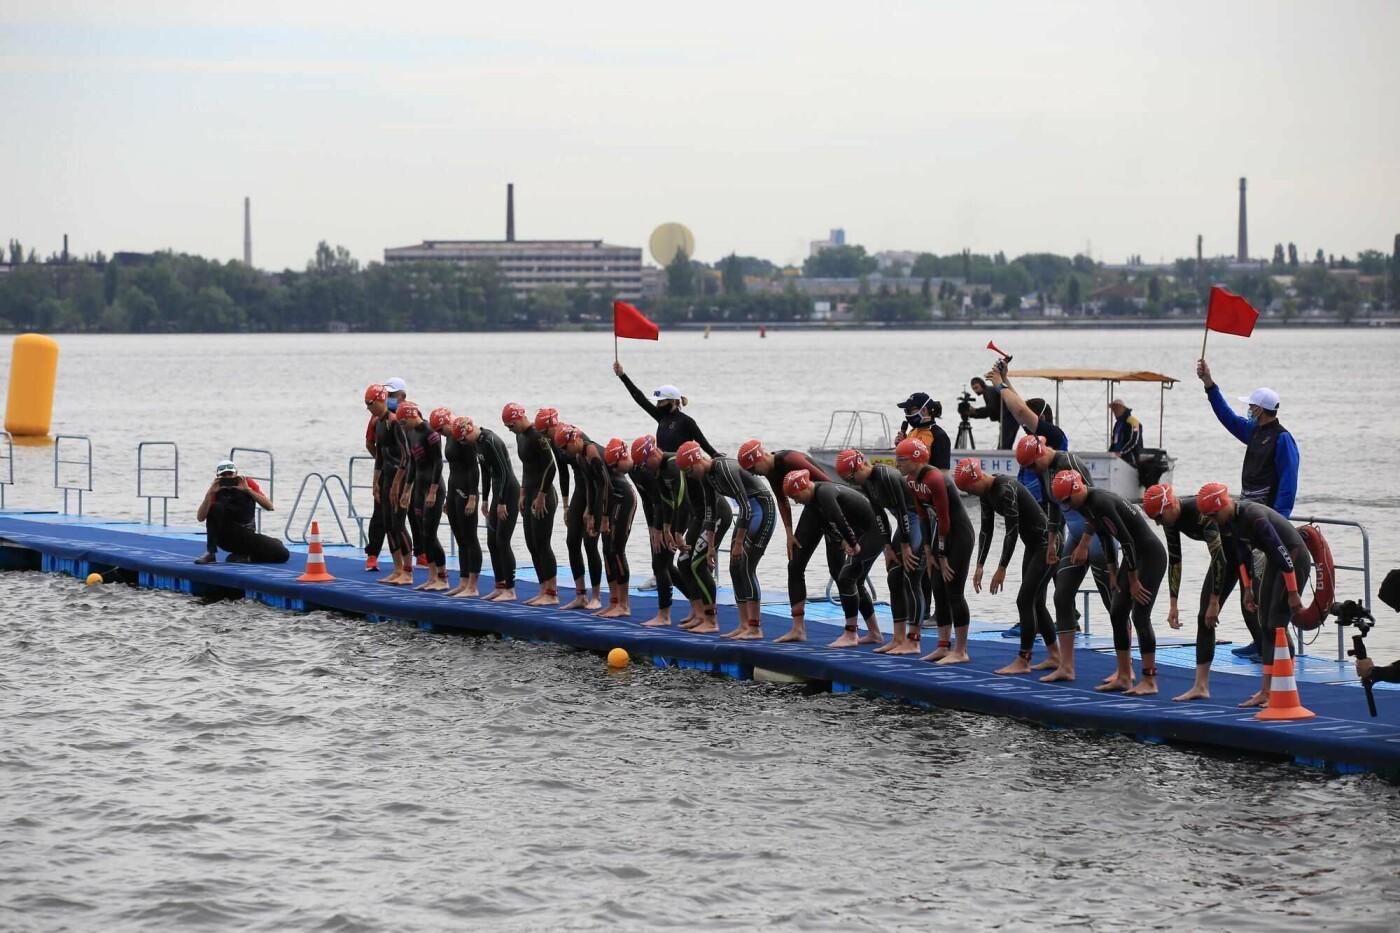 Плывут, едут, бегут: на перекрытой набережной в Днепре проходят международные соревнования по триатлону, фото-1